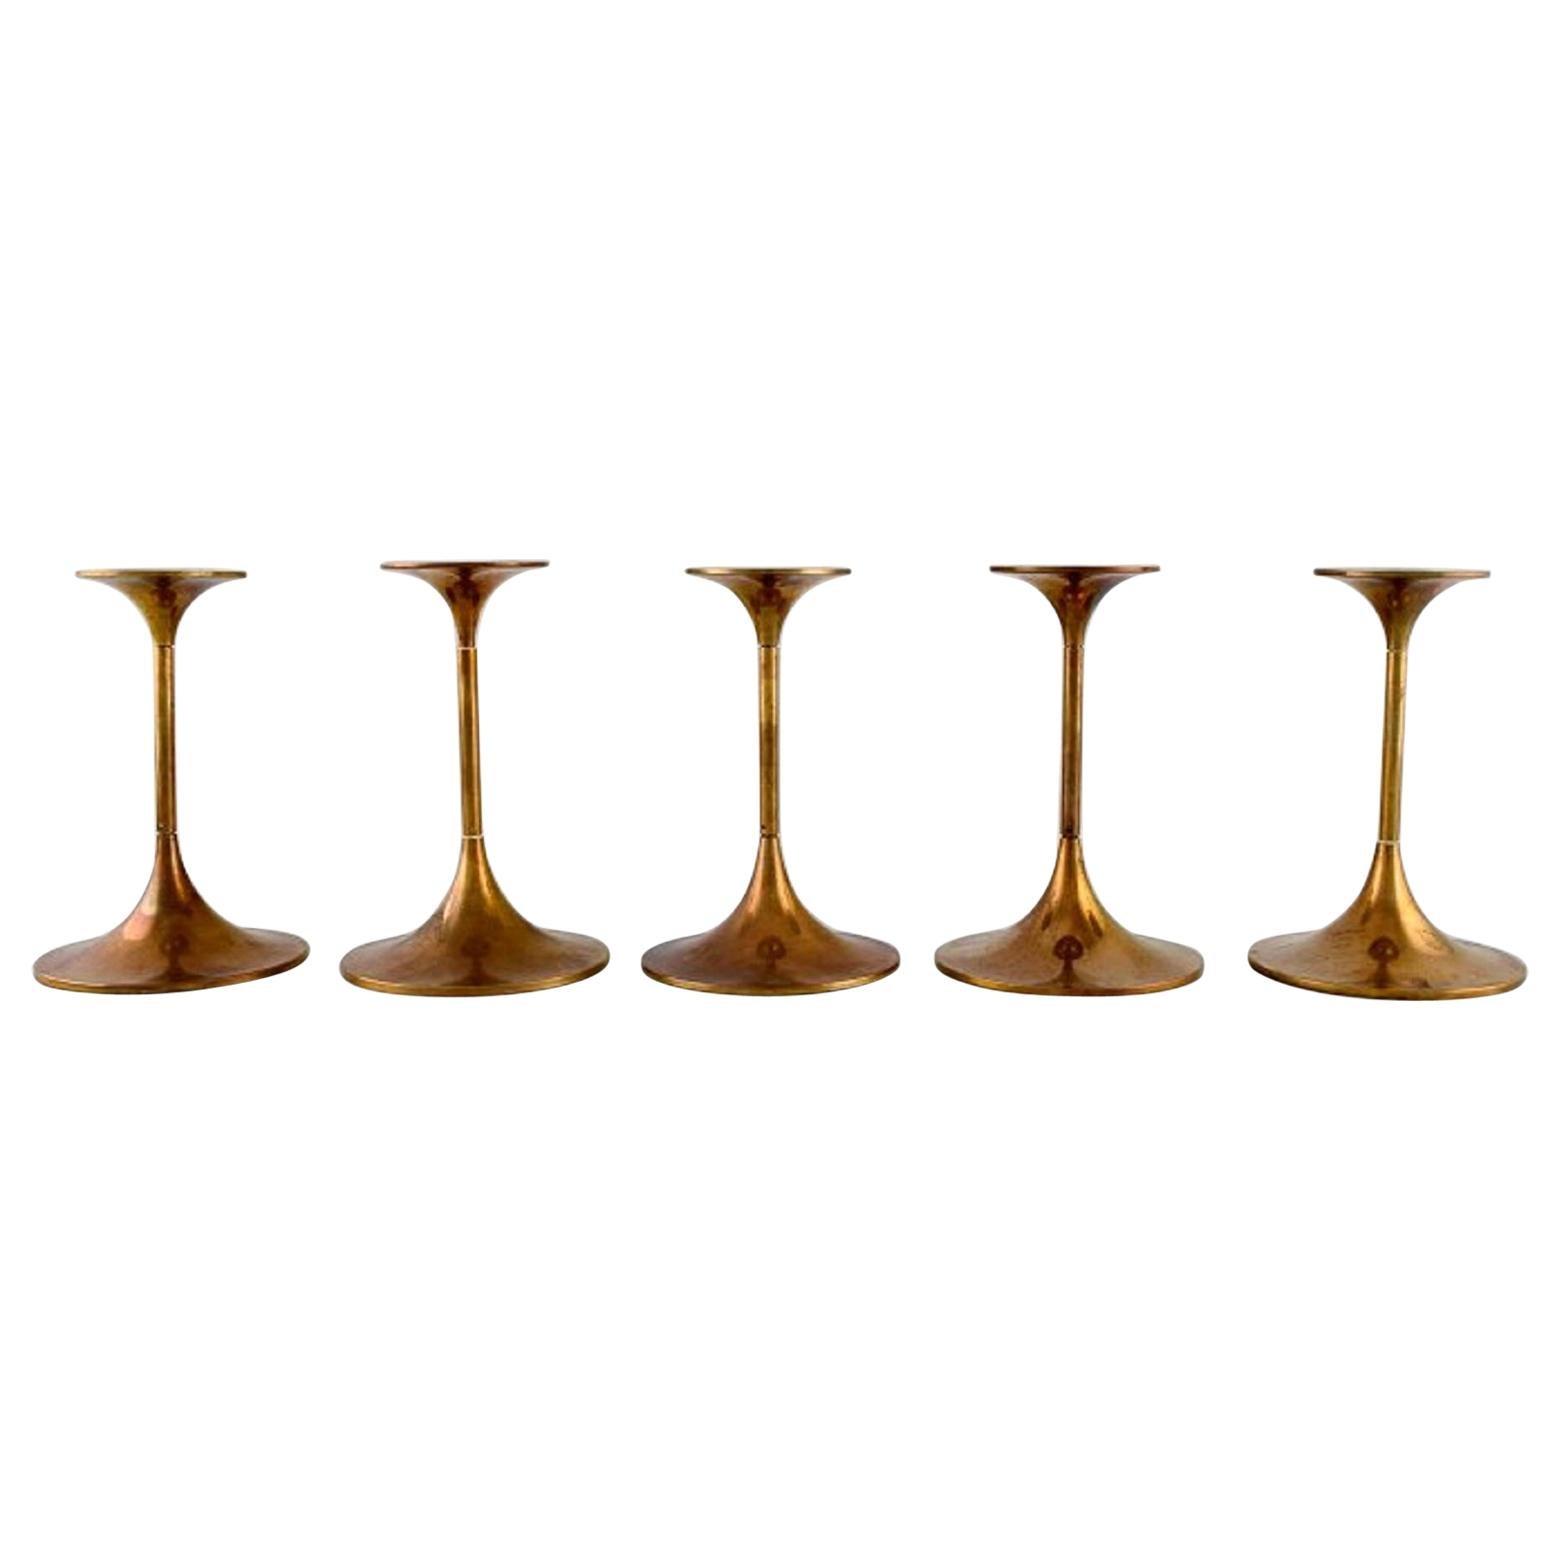 Max Brüel for Torben Ørskov, Five Hi-Fi Brass Candlesticks, Danish Design, 1960s